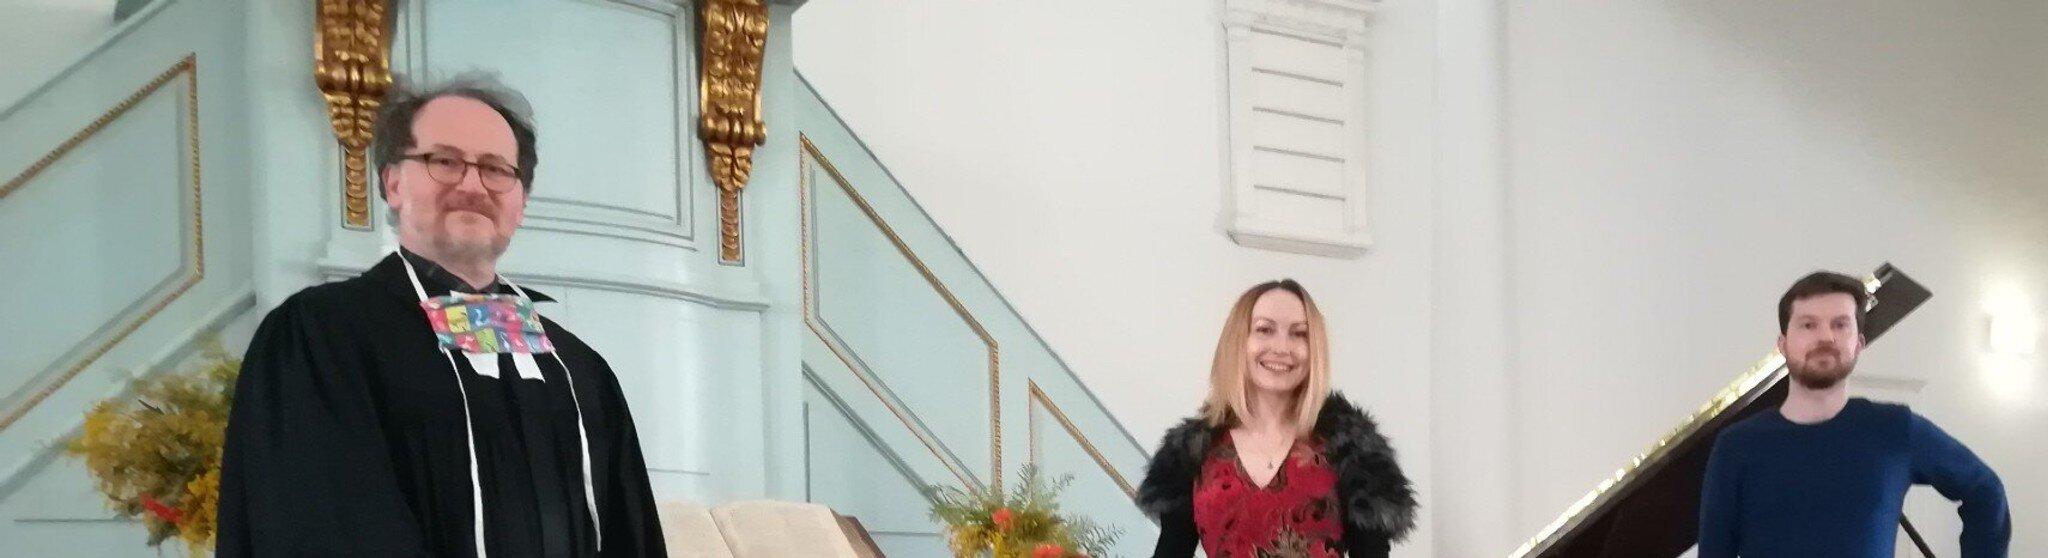 Avec ses «cultes musicaux,» une église offre une scène aux artistes